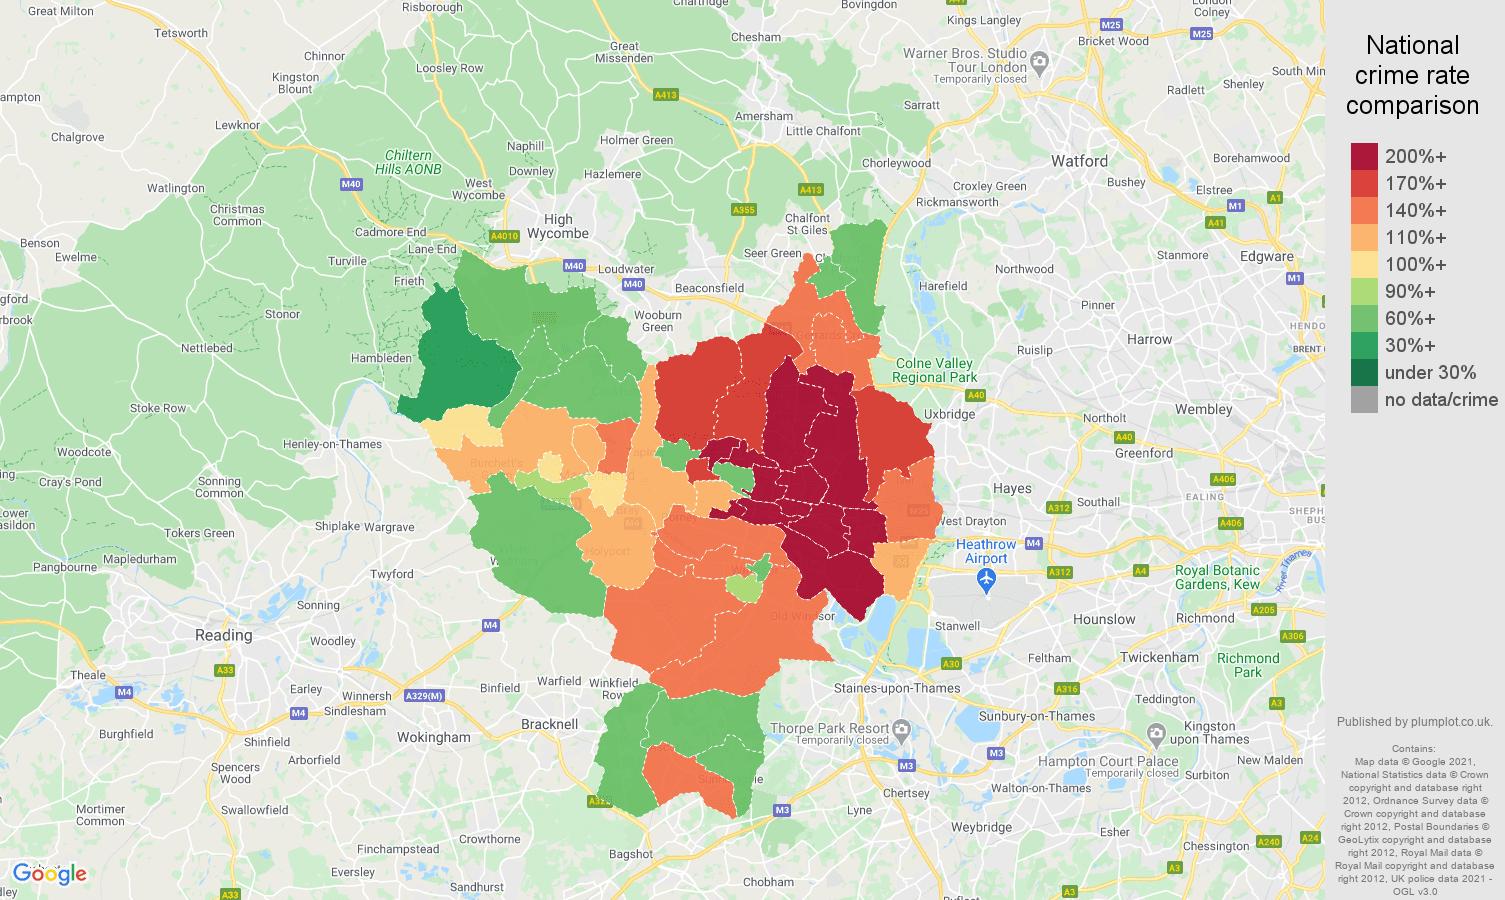 Slough vehicle crime rate comparison map